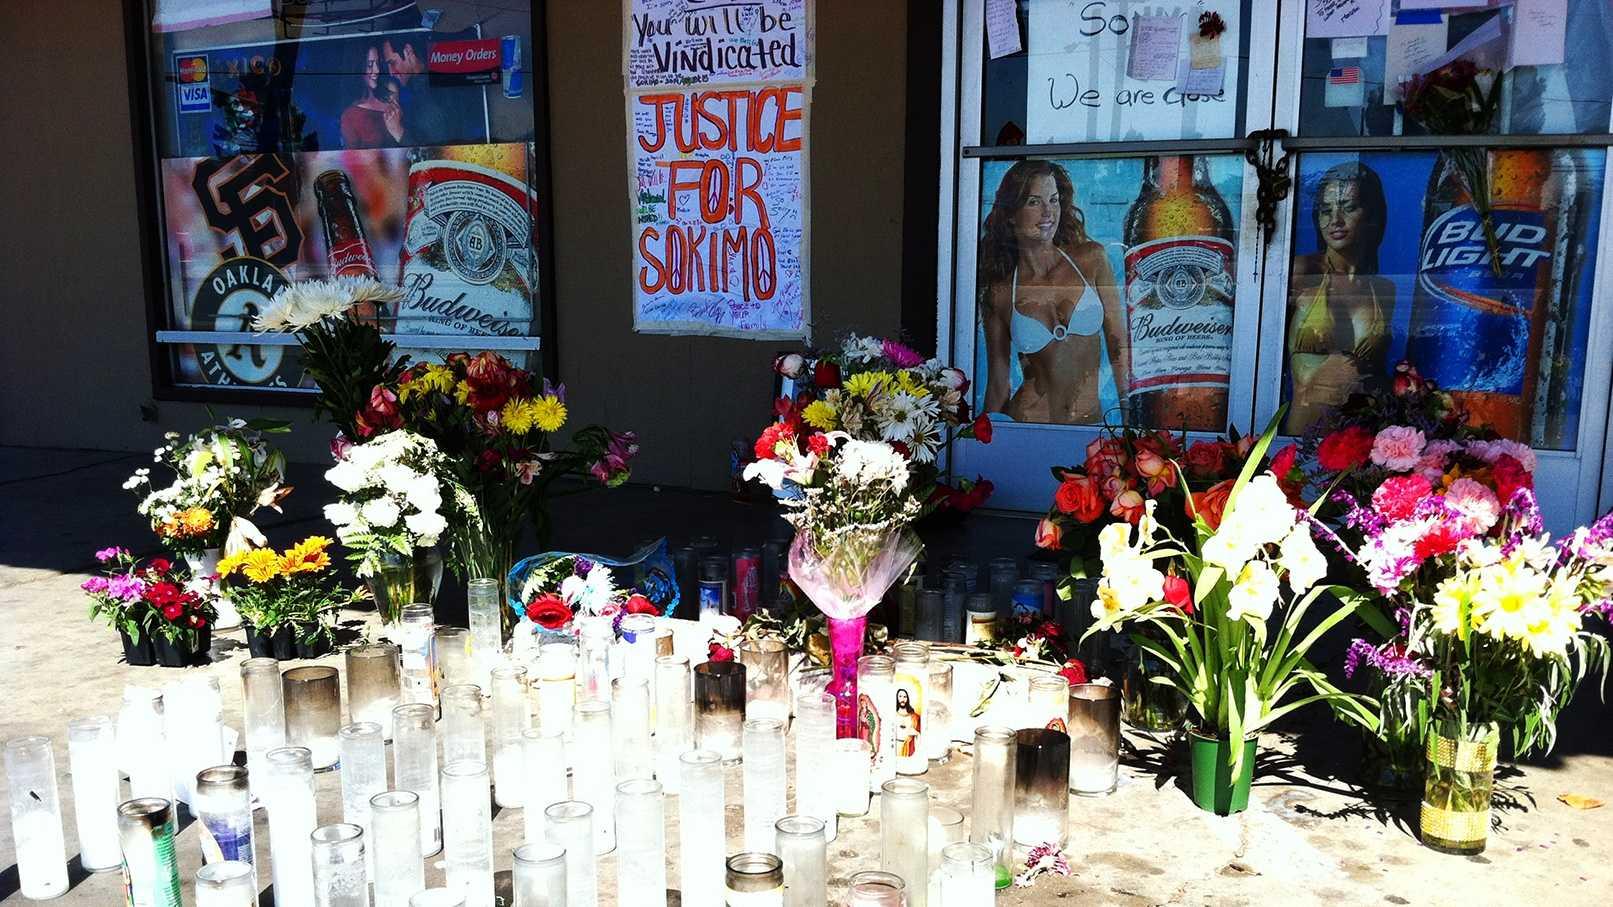 Hot Stop Salinas homicide